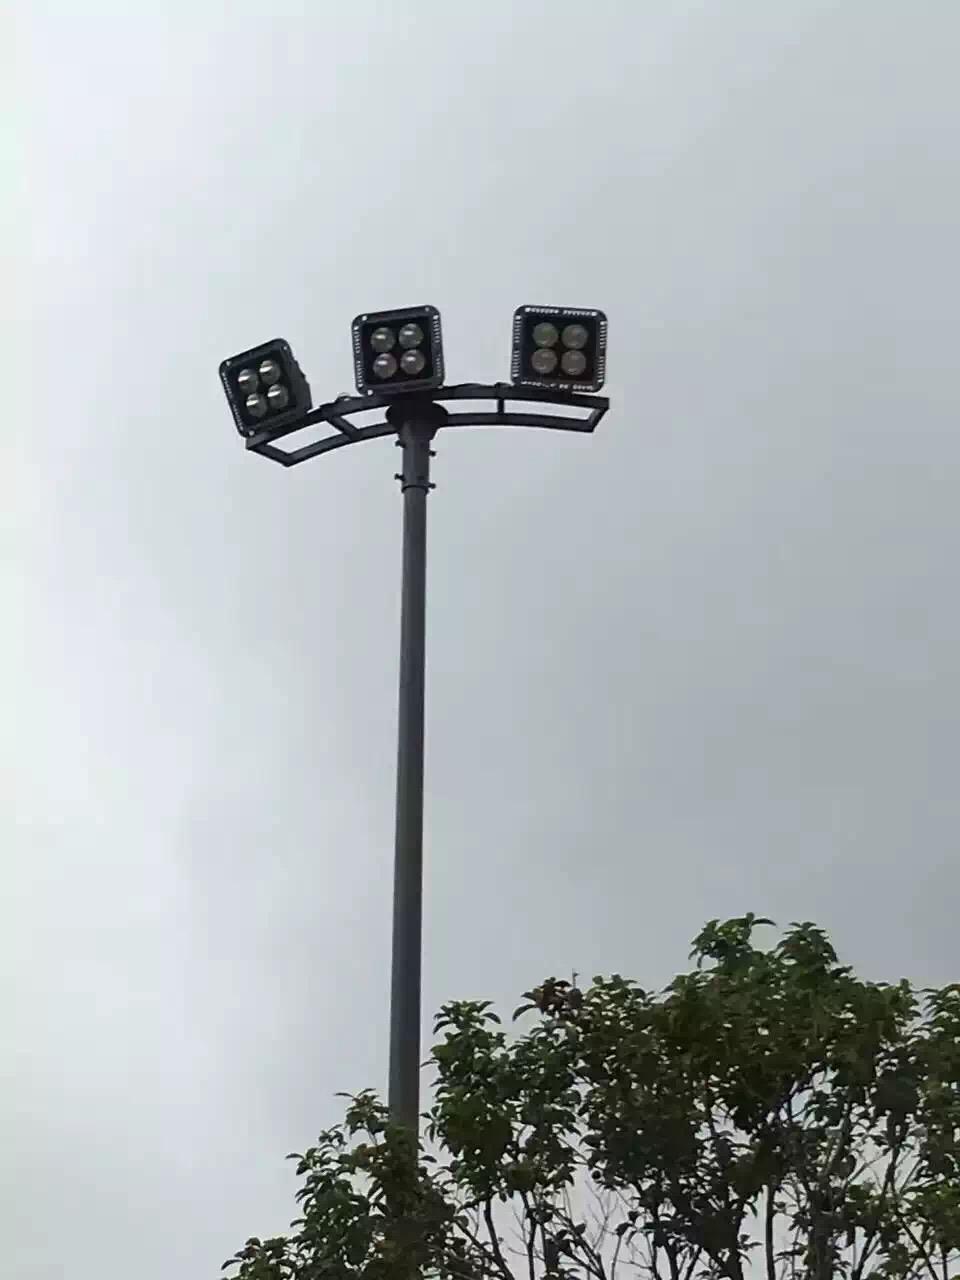 河北省宽城县公路交接口-200W 15°投光灯案例.jpg